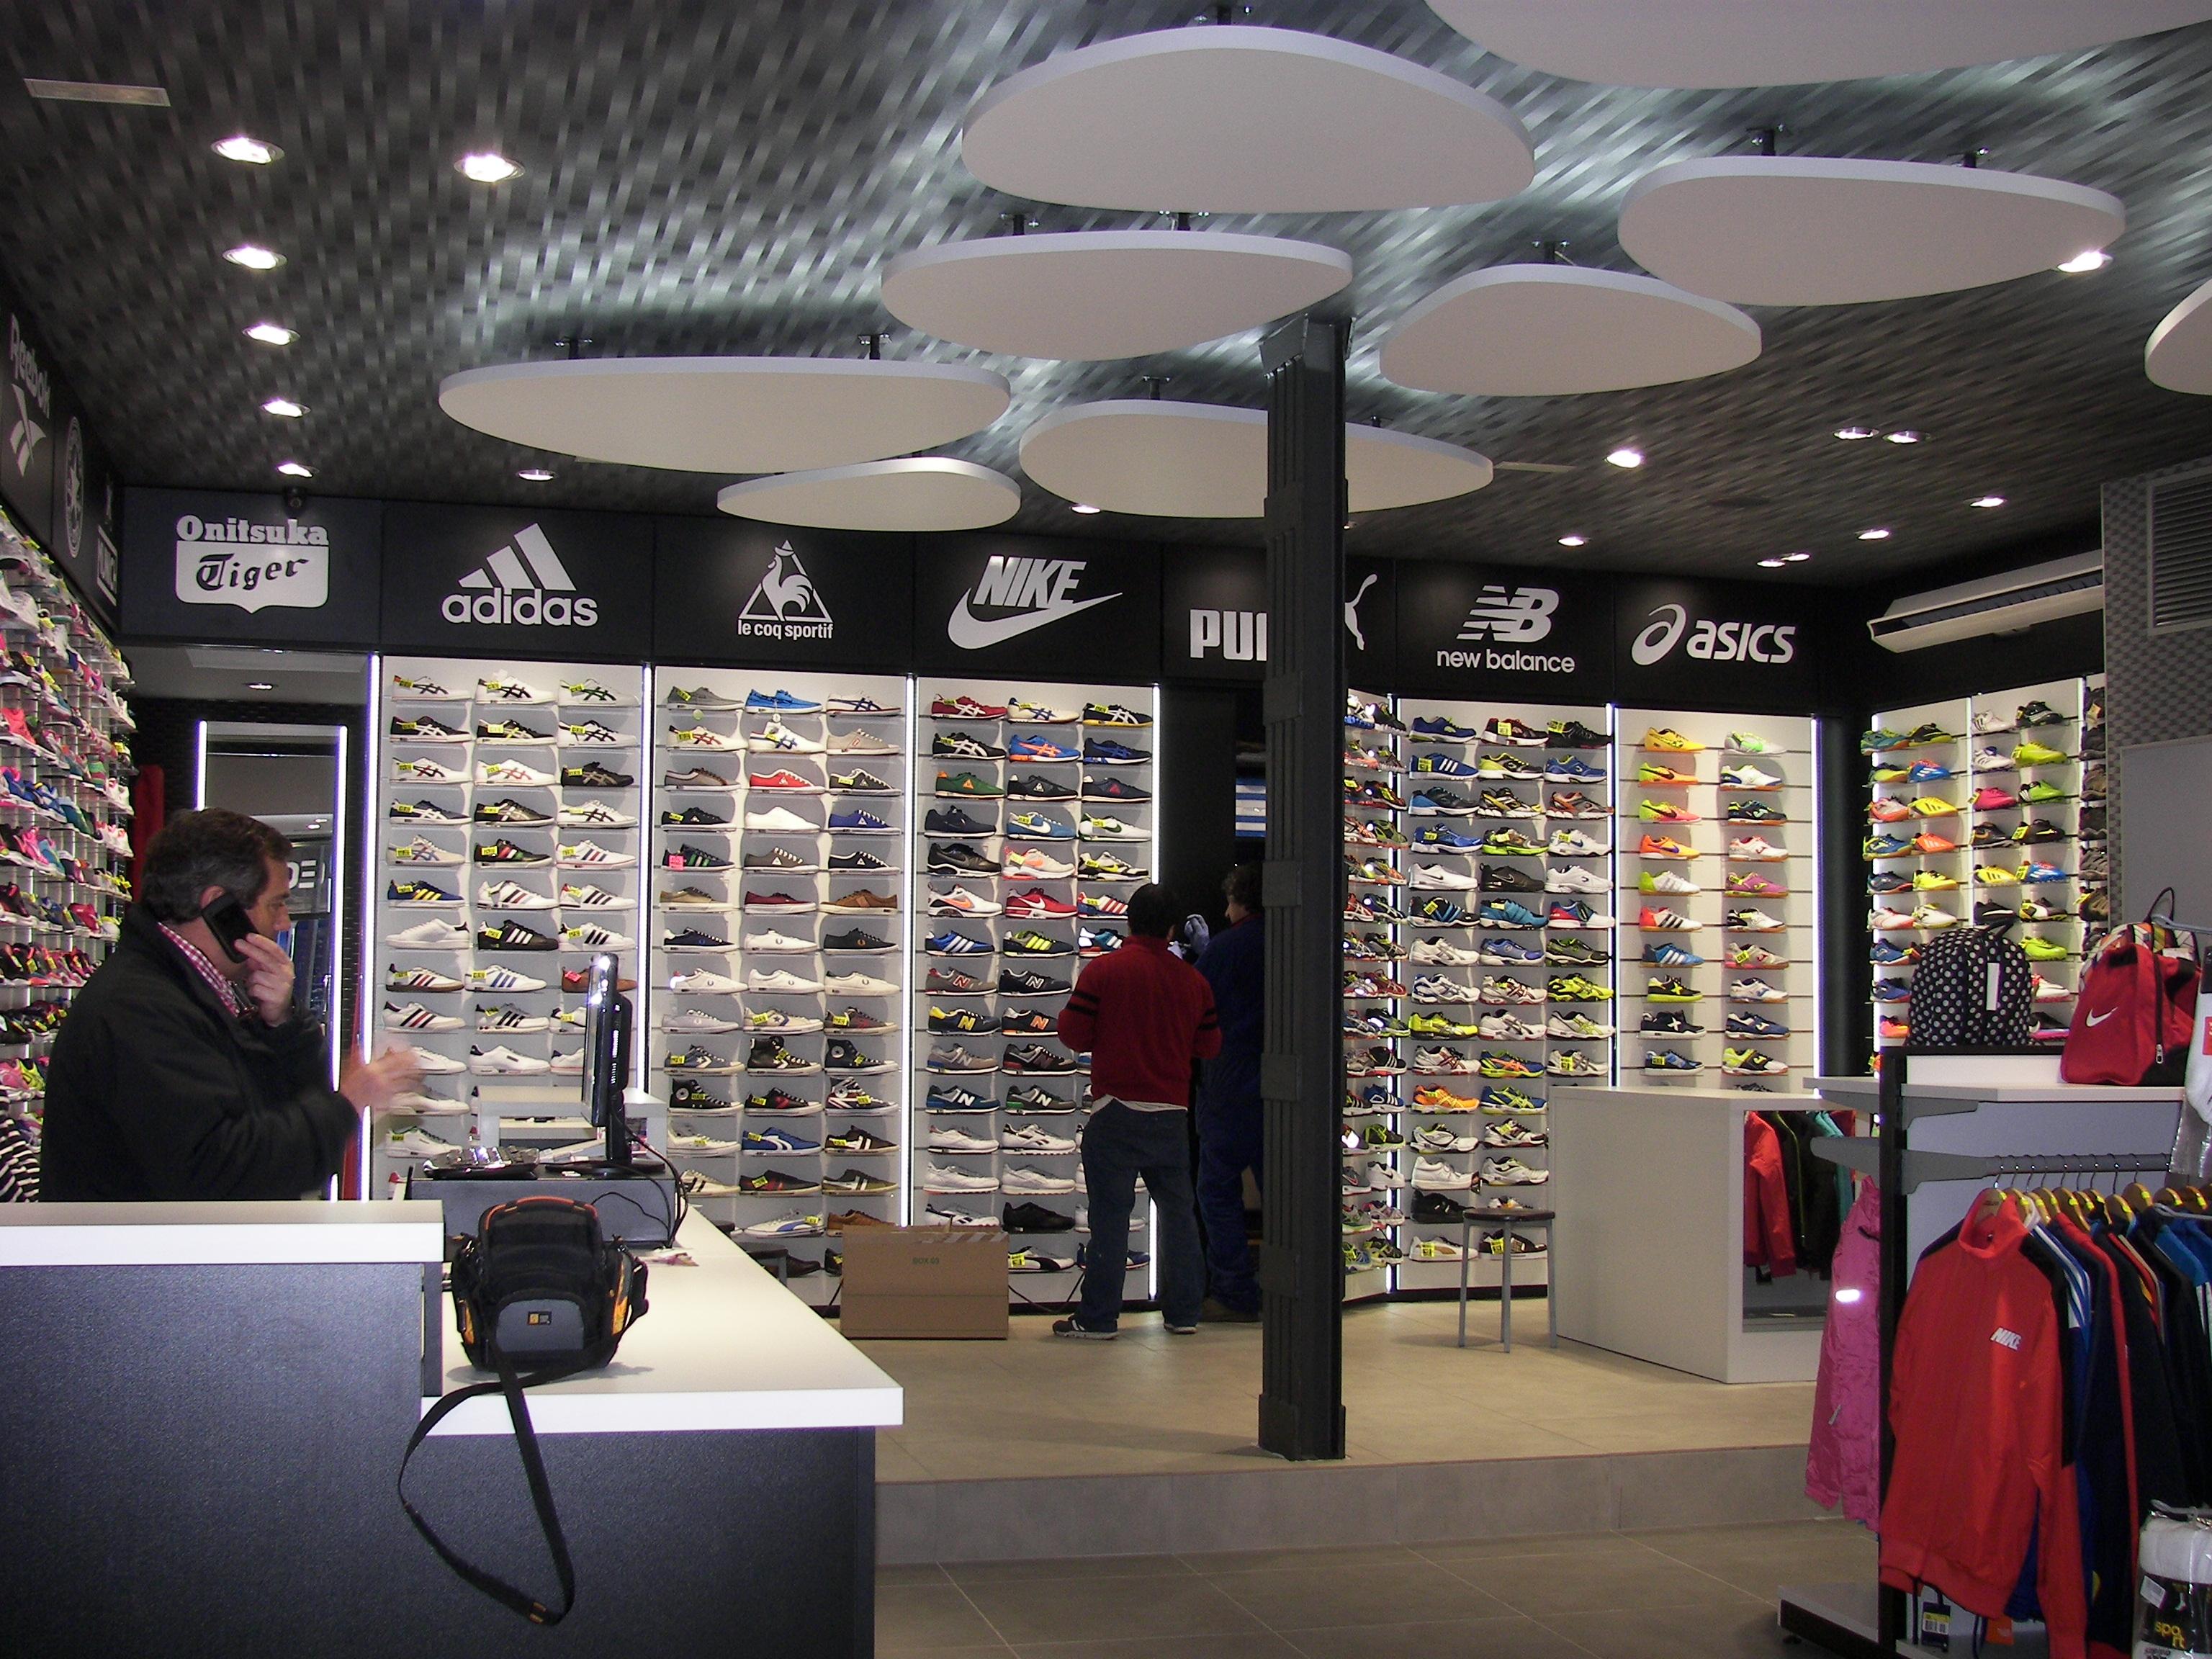 El equipamiento comercial de una tienda deportiva abundan las imágenes